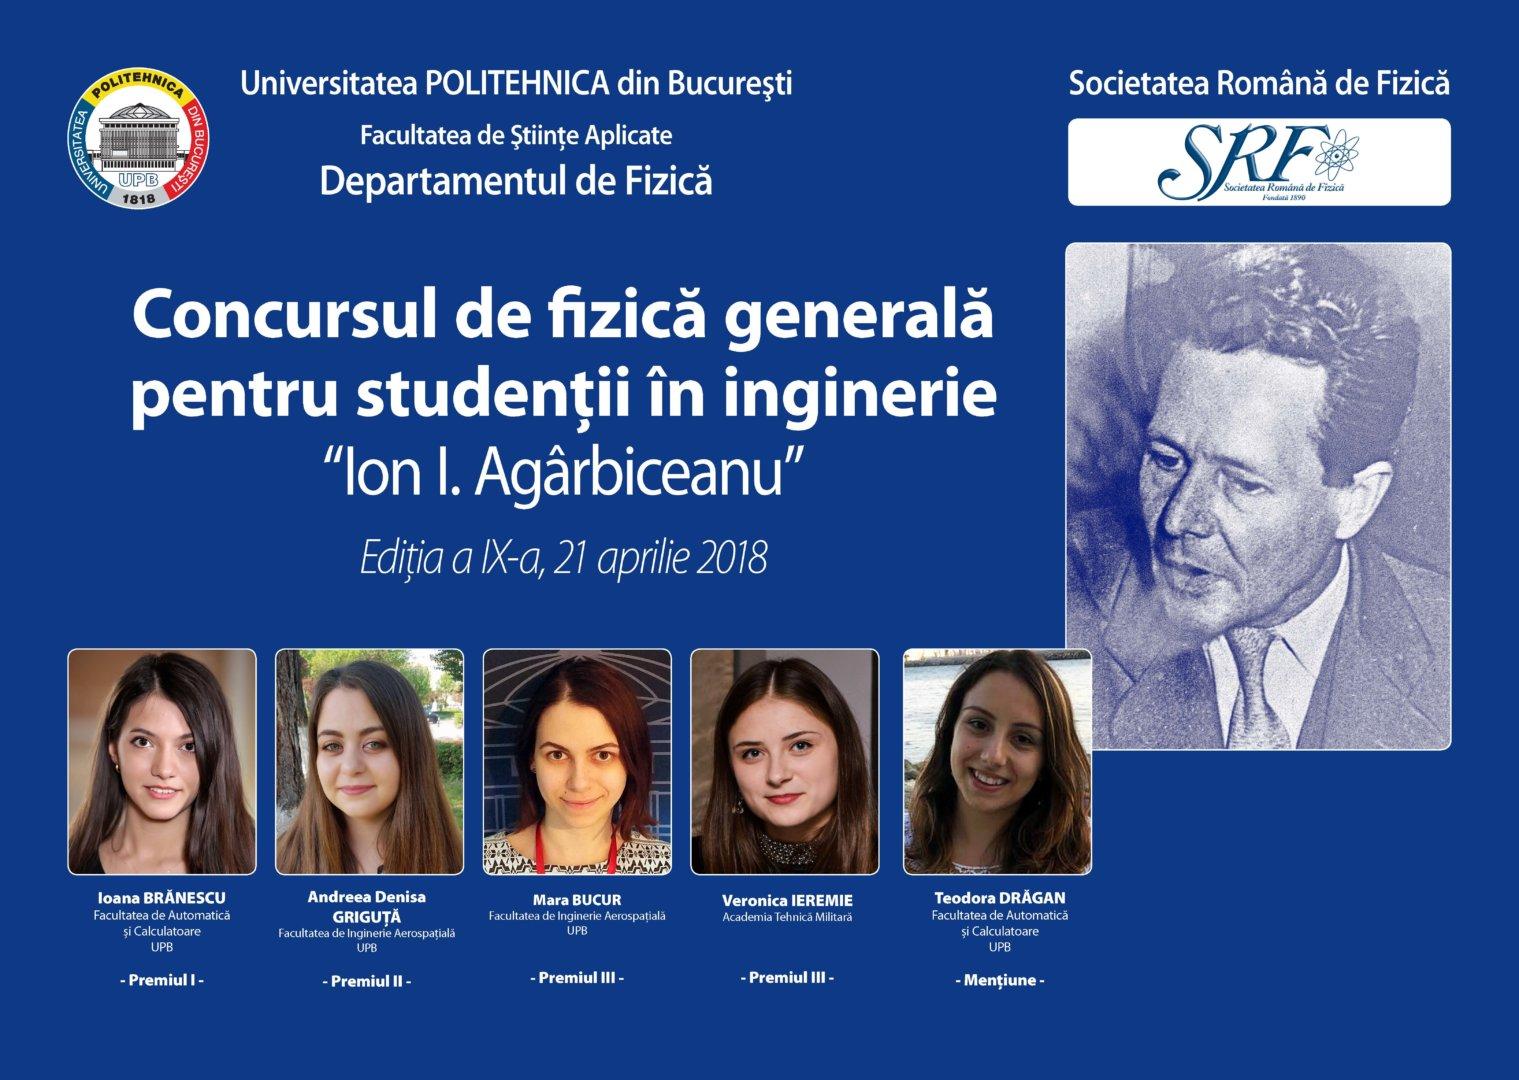 """Felicitări studenților UPB, câștigători ai ediției a IX-a a Concursului de fizică generală """"Ion I. Agârbiceanu"""""""